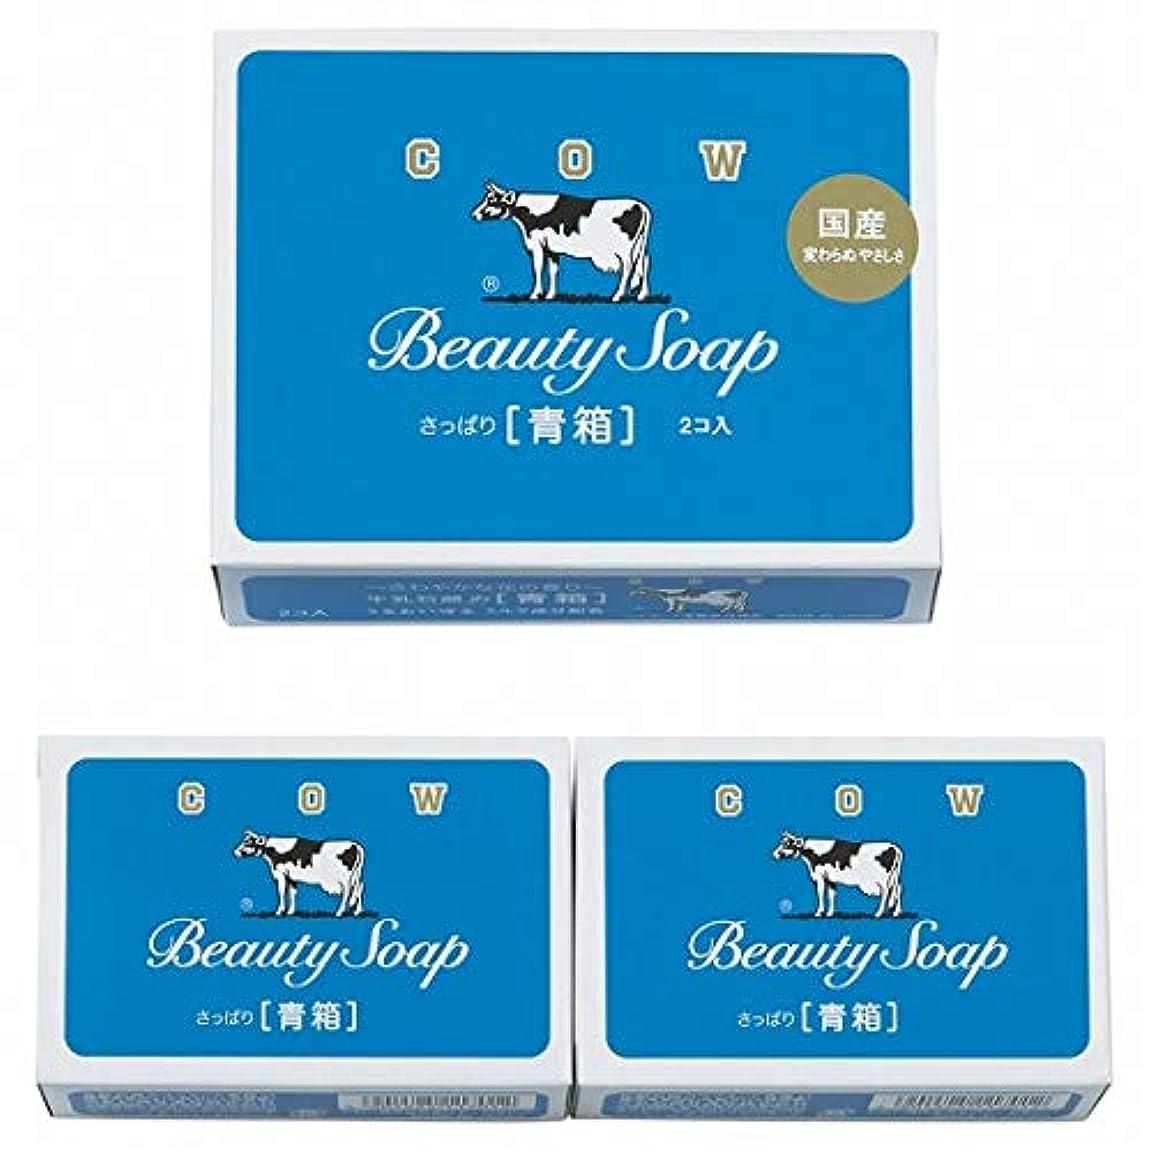 三番エンコミウム印刷する牛乳石鹸 カウブランド青箱2入